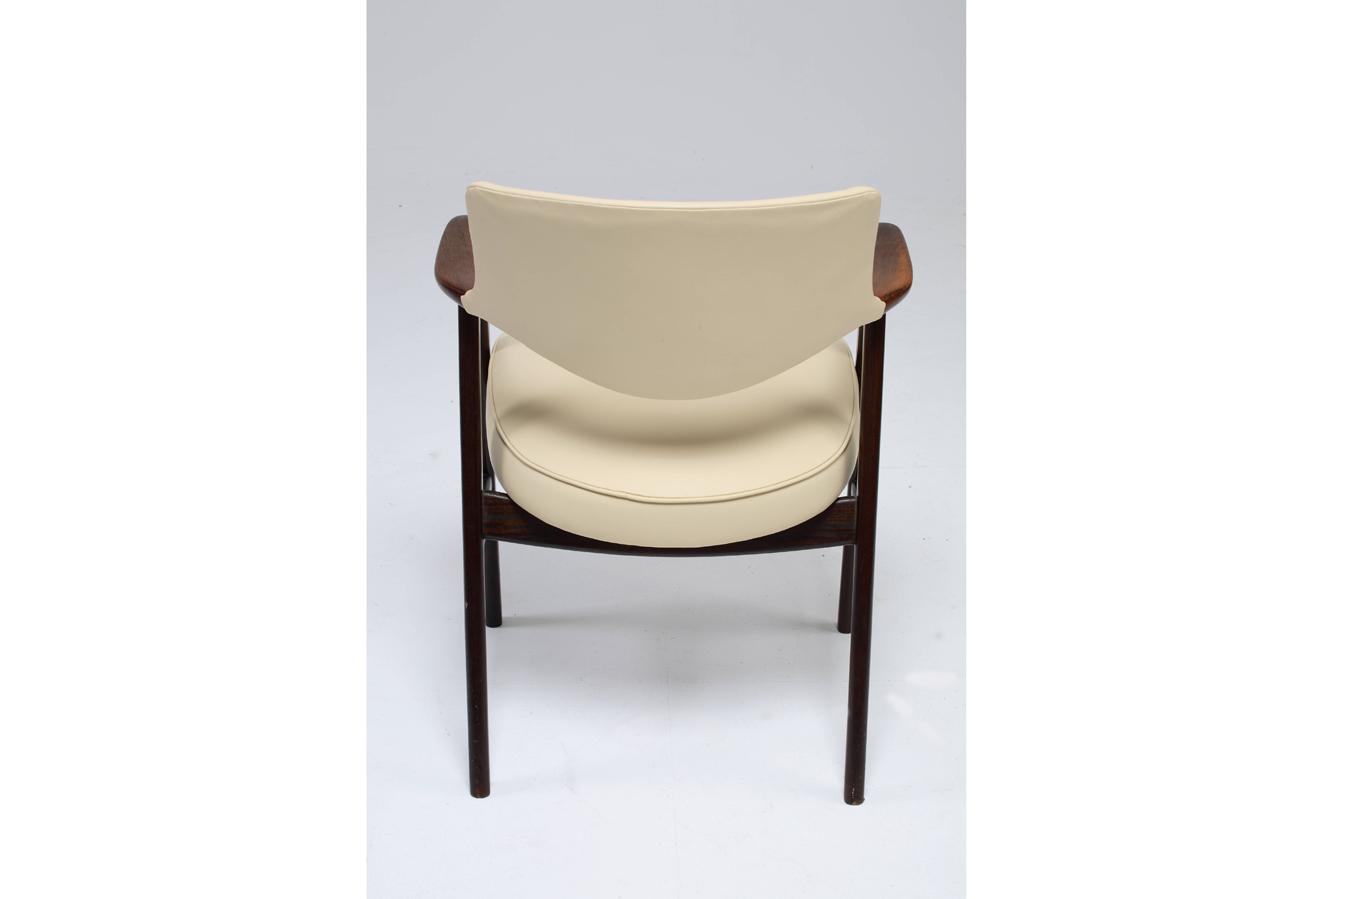 Chair_7_004_gallery_block_cleaned.jpg